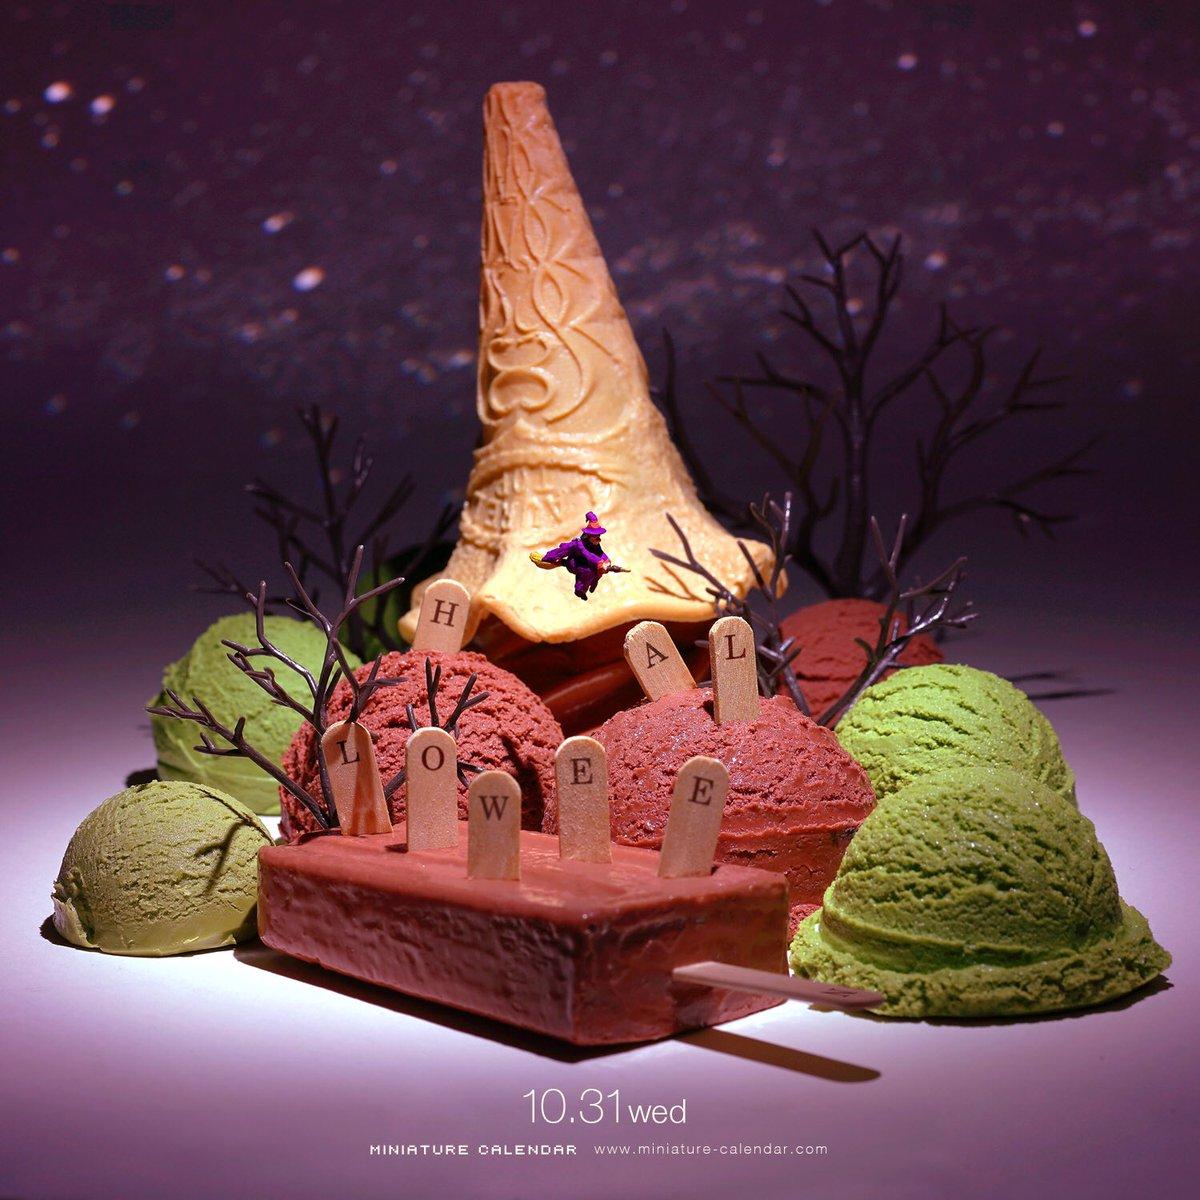 墓地で一人ぼっち   #ハロウィン #Halloween #アイスクリーム #墓